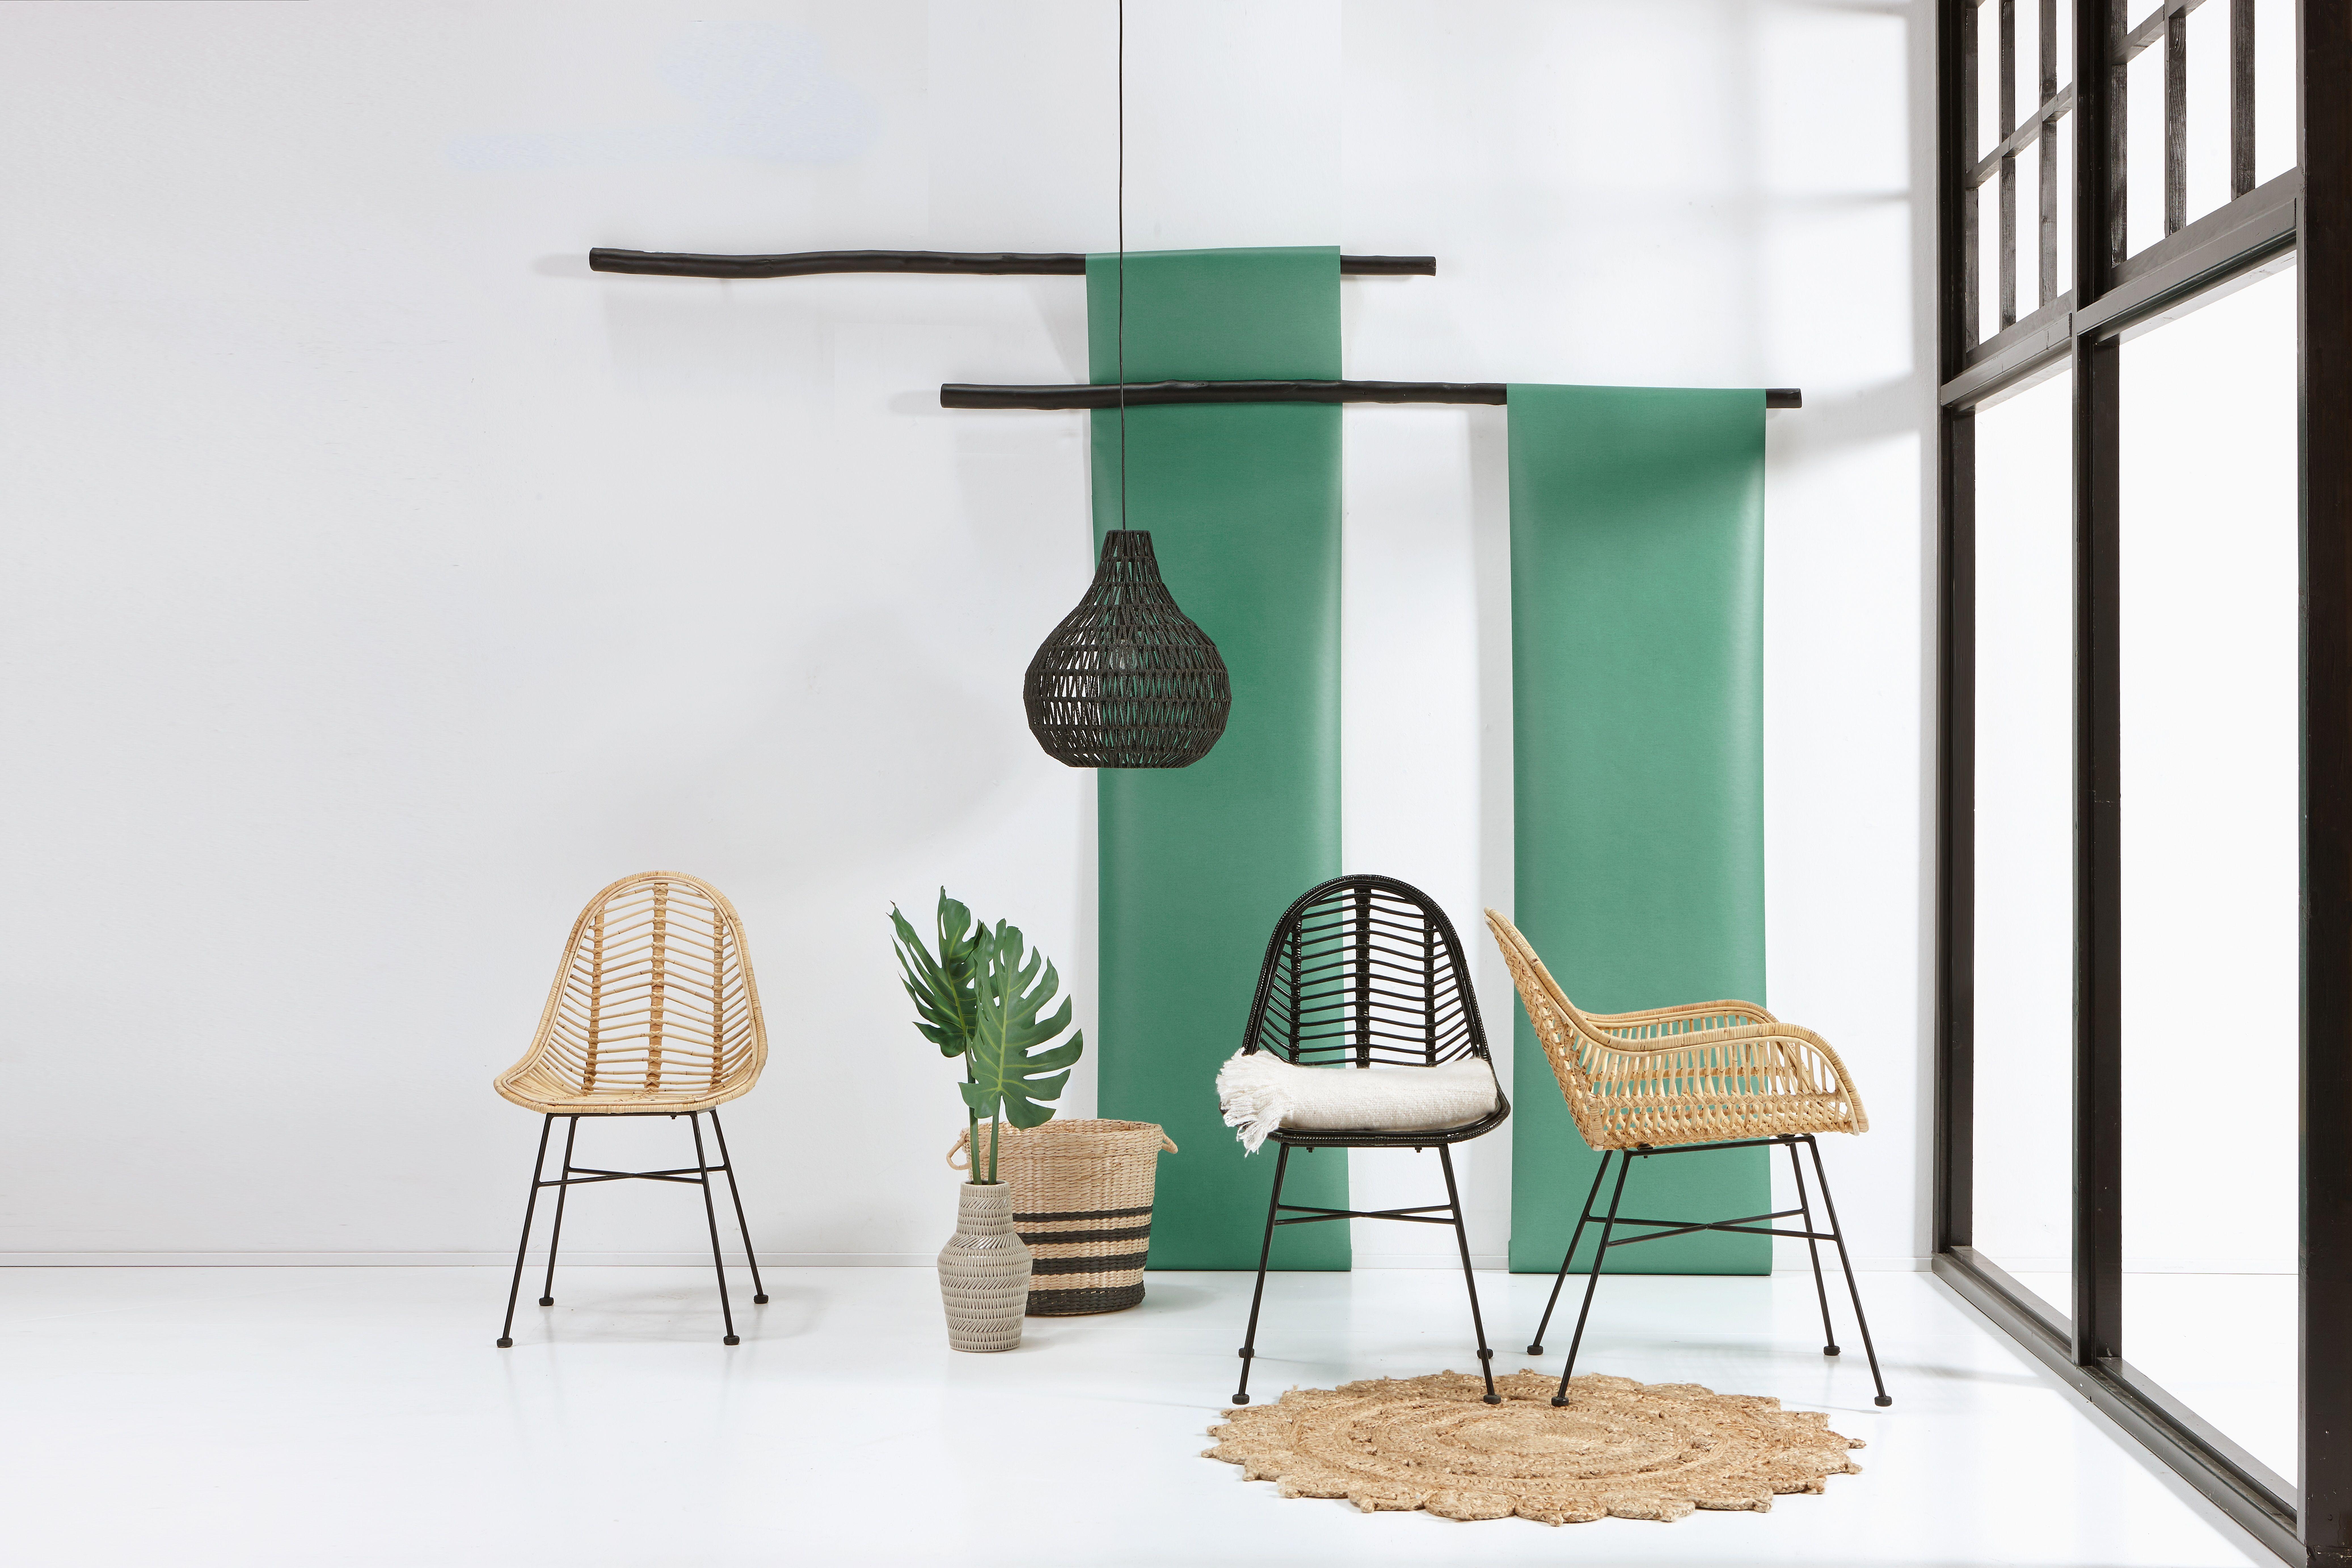 Zomer Interieur Inspiratie : Inspiratie #interieur natuurlijke materialen inspiratie zomer